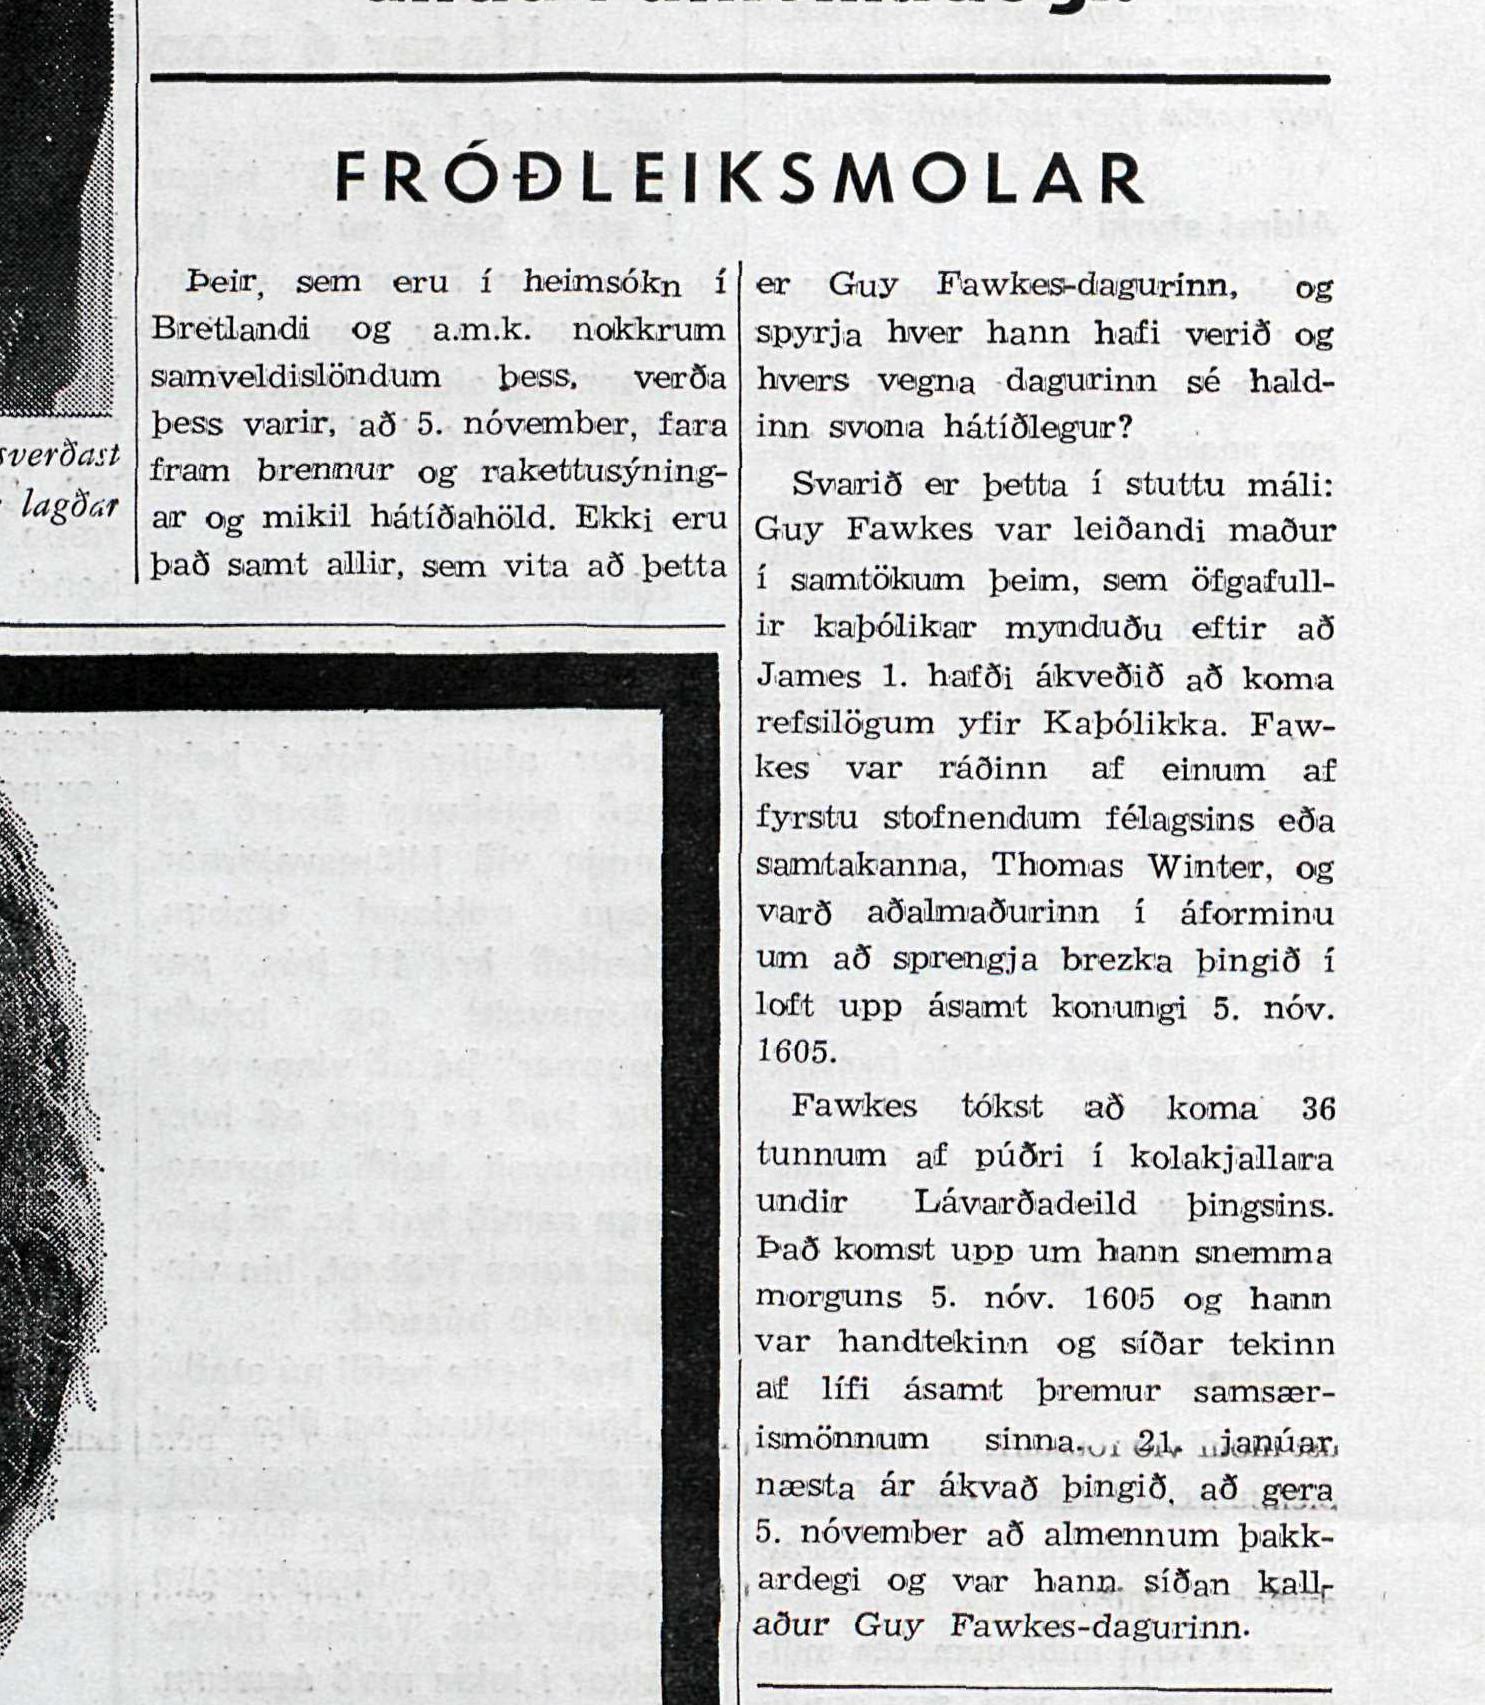 Fróðleiksmoli í Morgunblaðinu árið 1969 útskýrir hvernig öfgafullir Kaþólikkar stóðu að baki morðtilrauninni gegn Jakobi 6.